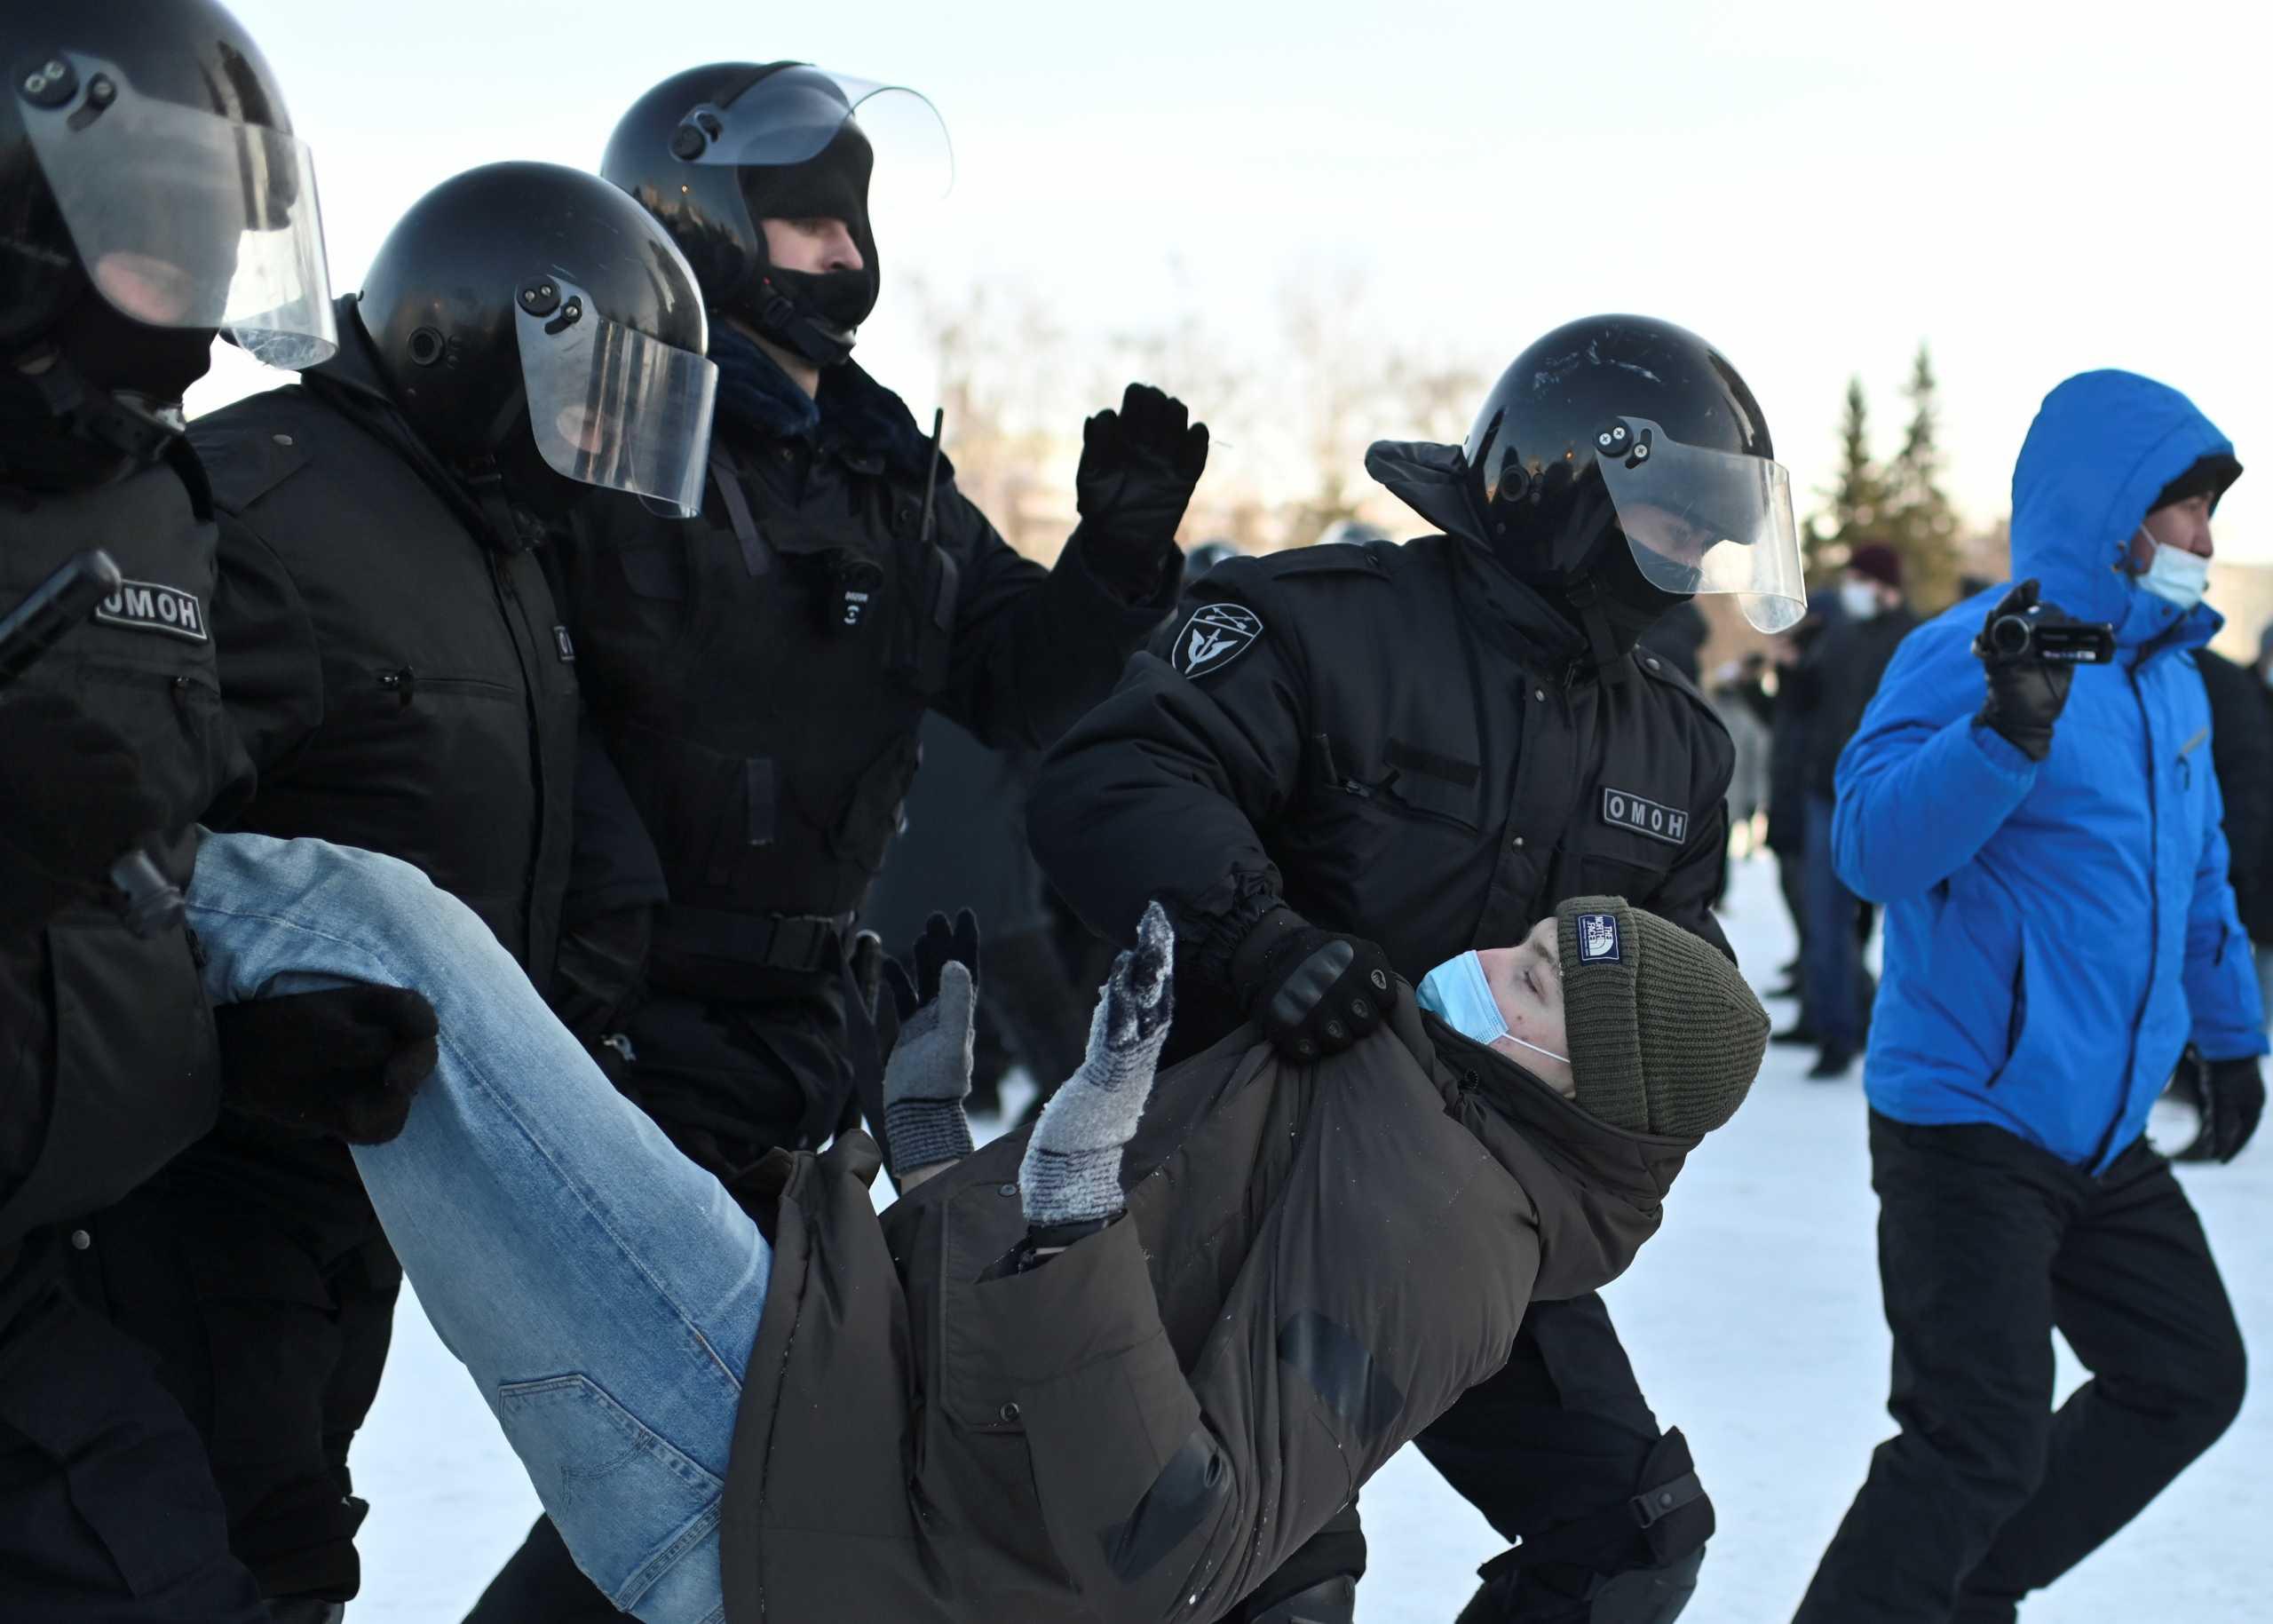 Ρωσία: Πάνω από 5.000 συλλήψεις στις διαδηλώσεις υπέρ του Ναβάλνι – Αντιδράσεις από ΗΠΑ και ΕΕ (pics)